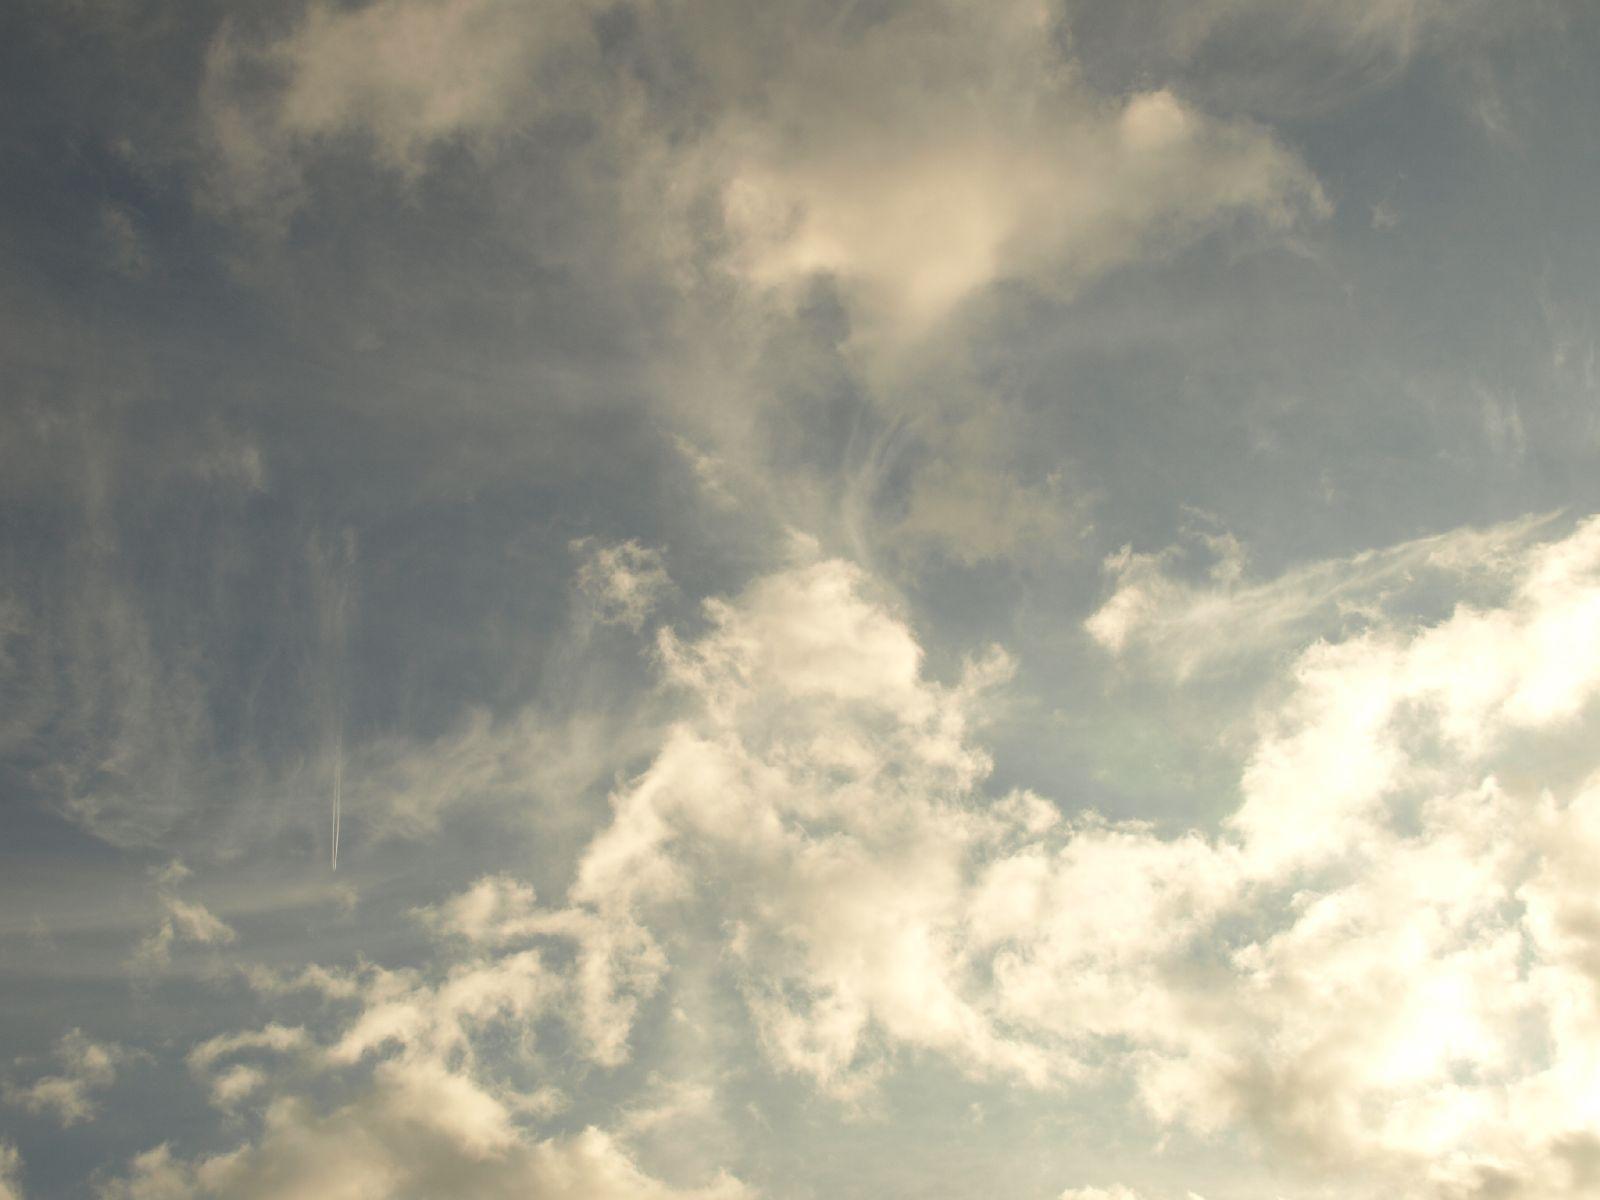 Himmel-Wolken-Foto_Textur_A_P4282886